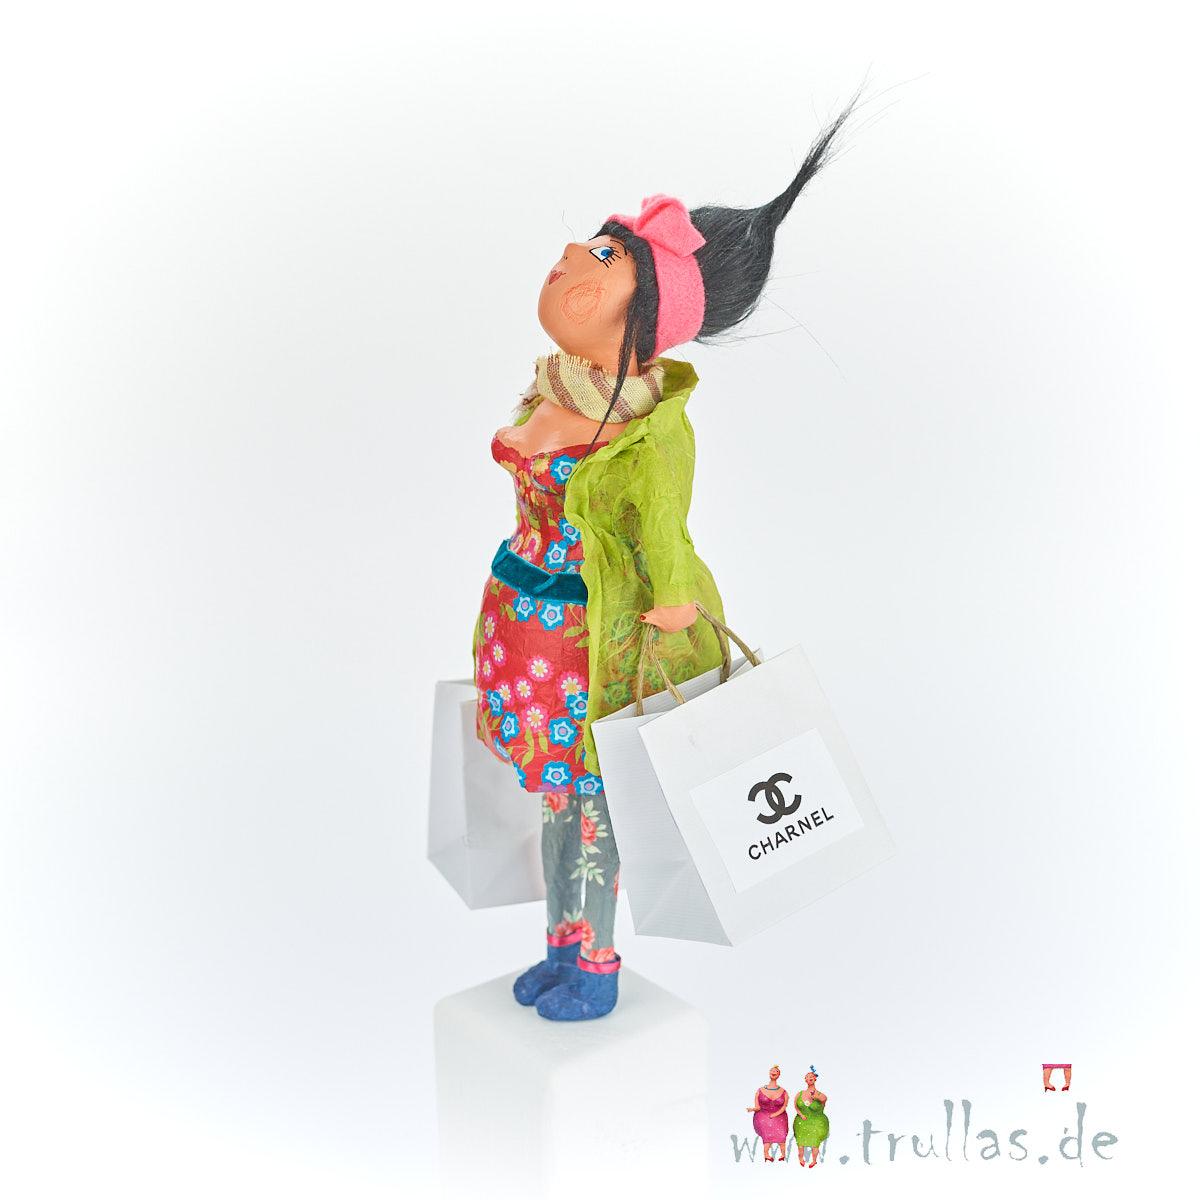 Shopping-Trulla - Mareike ist eine handgefertigte Figur aus Pappmachee. Trullas sind Geschenkideen fur Menschen die handgemachte Kunst schätzen.